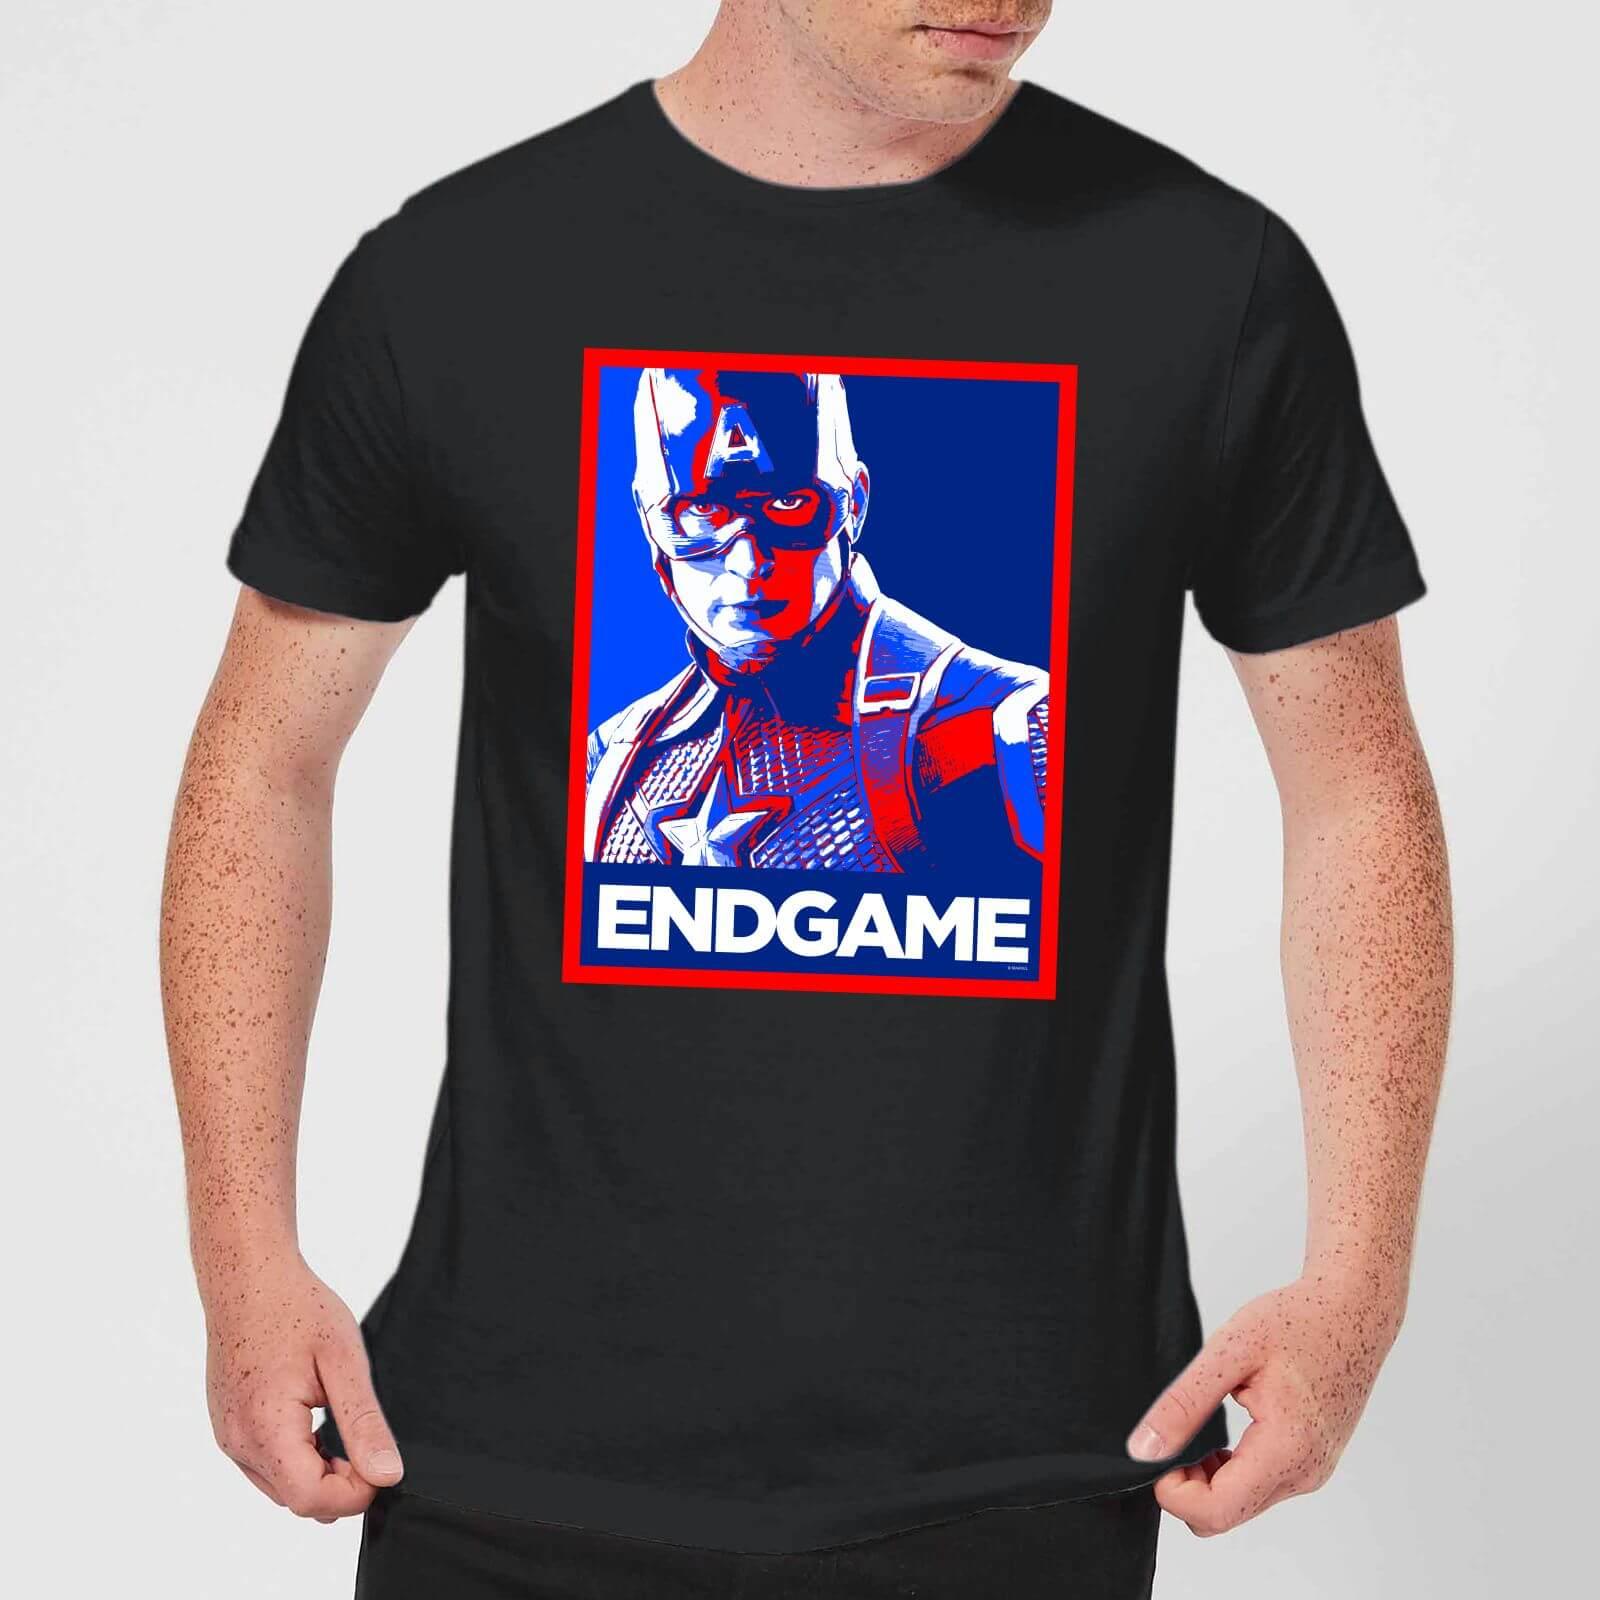 Marvel Avengers Endgame Captain America Poster Men's T-Shirt - Black - XL - Black